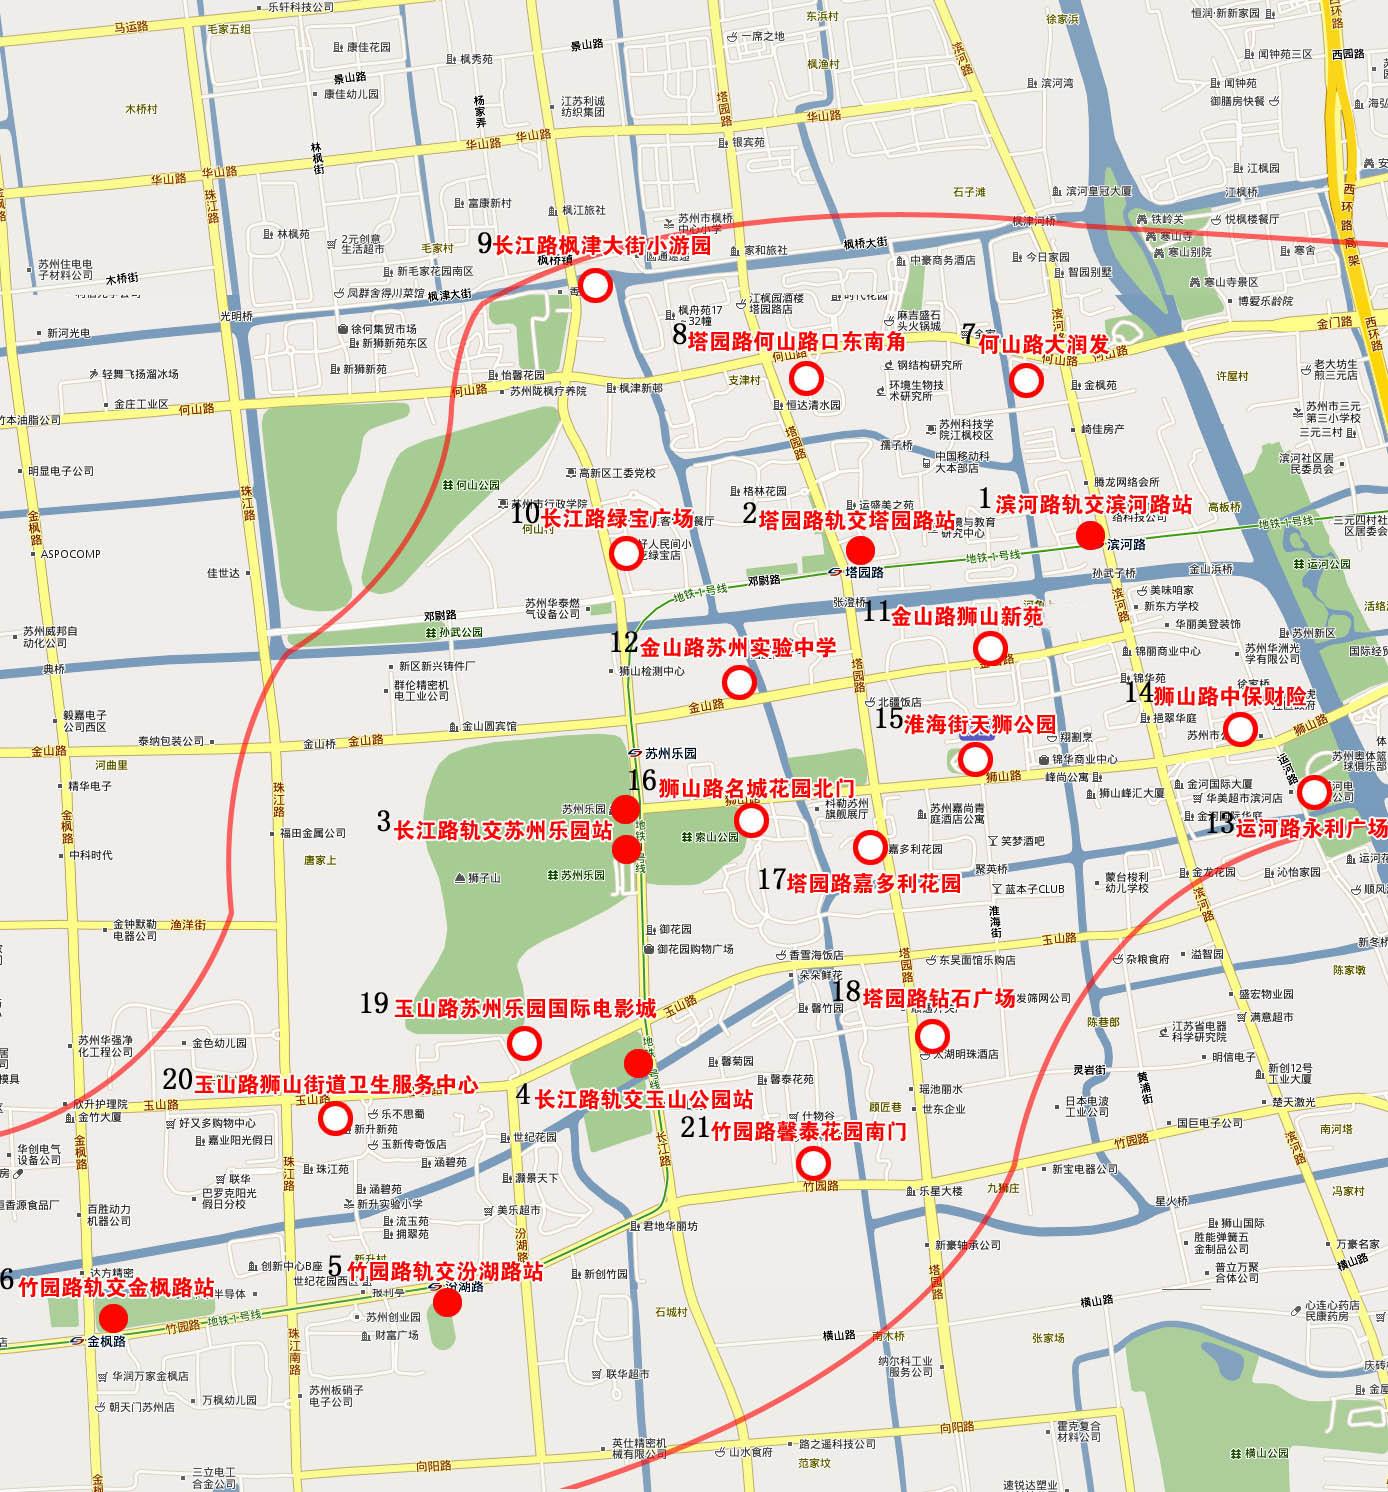 苏州高新区公共自行车一期工程拟建网点位置公示  -新席地网博客